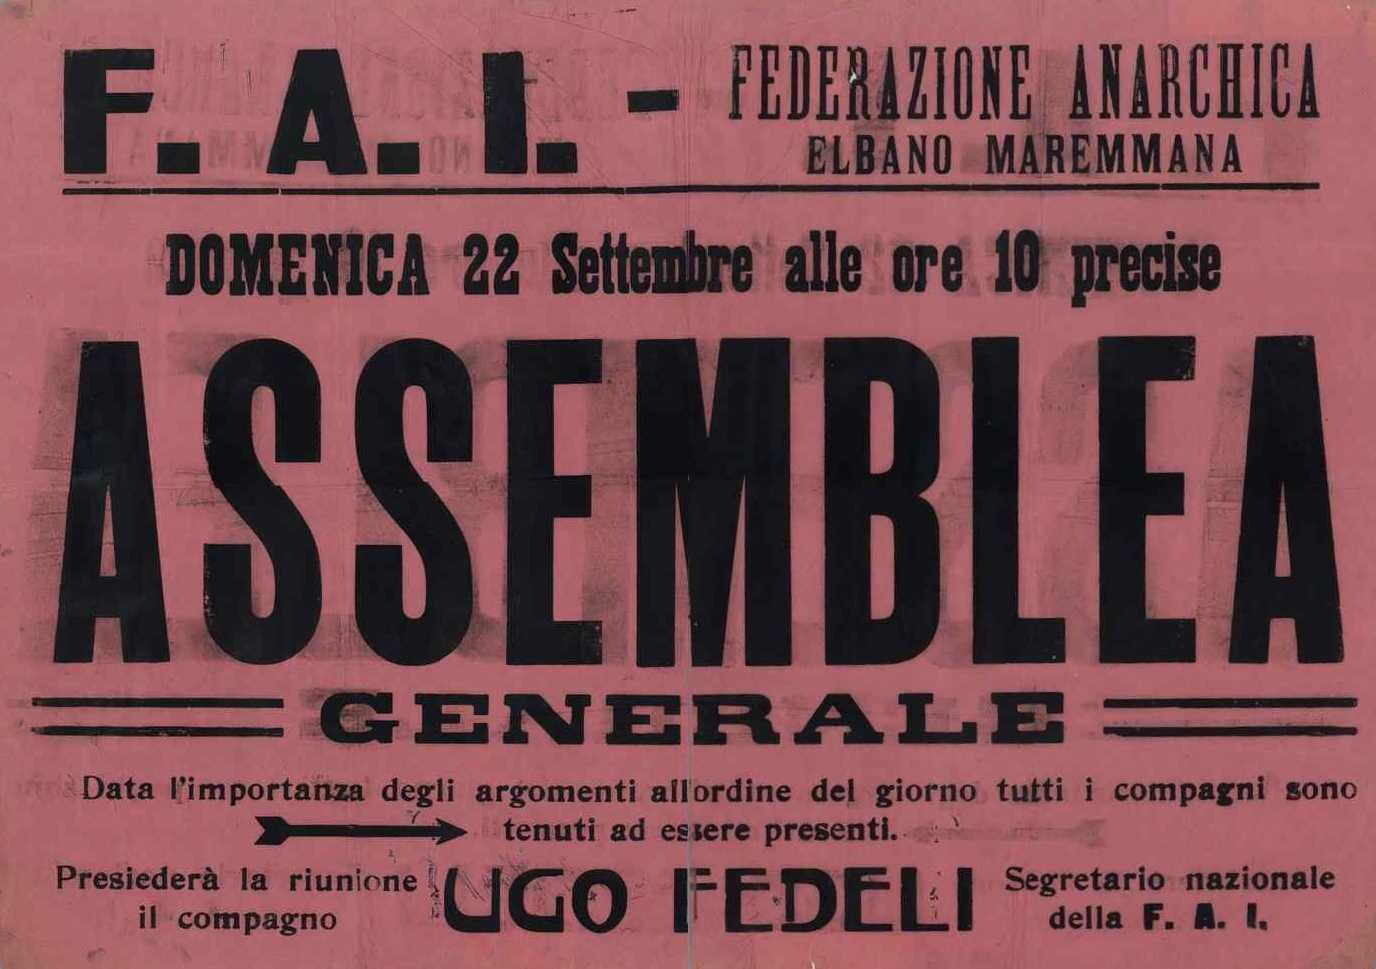 Cartell de l'Assemblea General de la FAEM